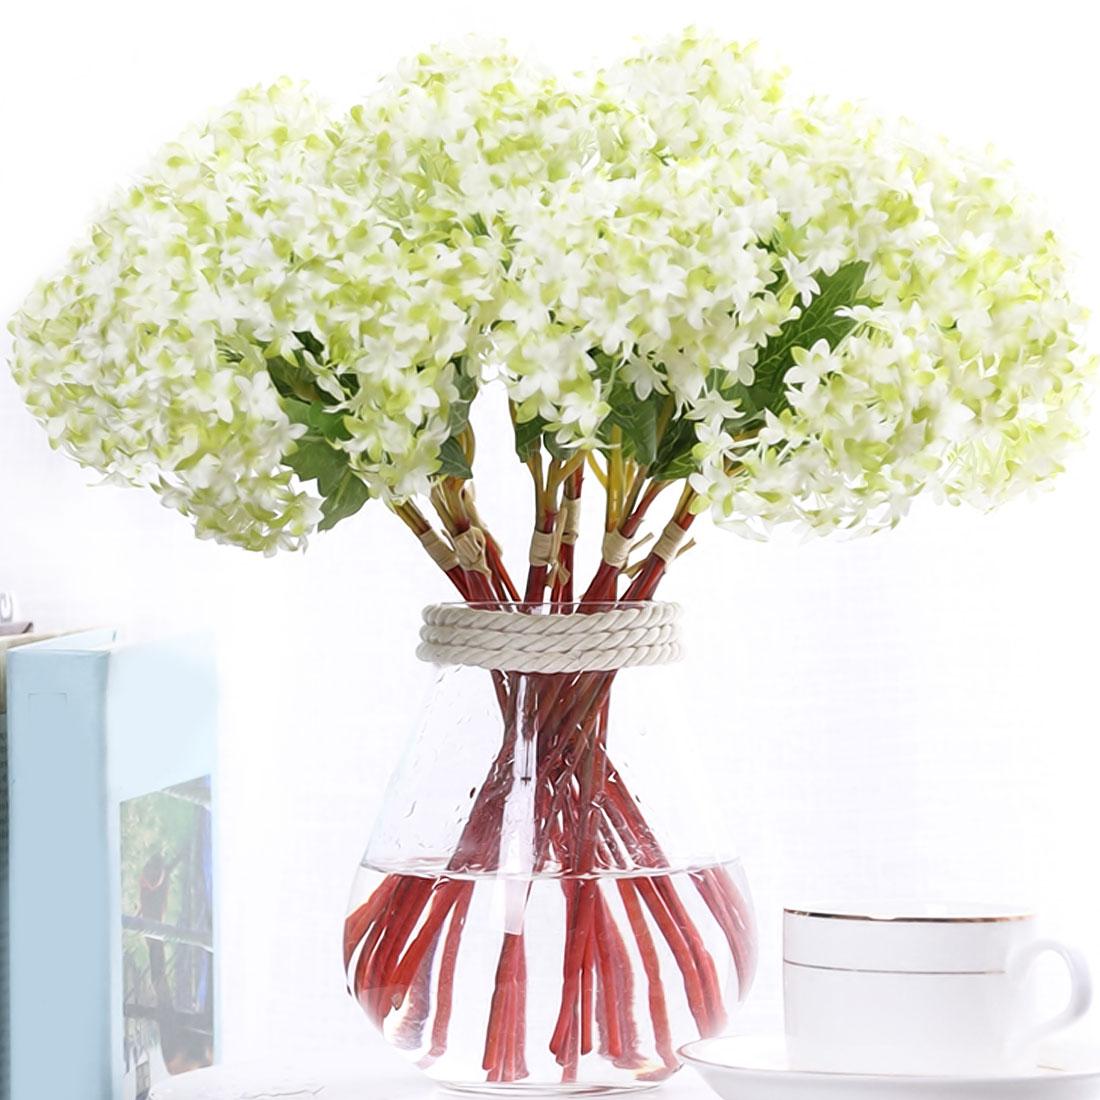 12 шт./лот декоративный цветок для свадьбы Искусственный Гортензия Шелковый DIY свадебные украшения, искусственные цветы